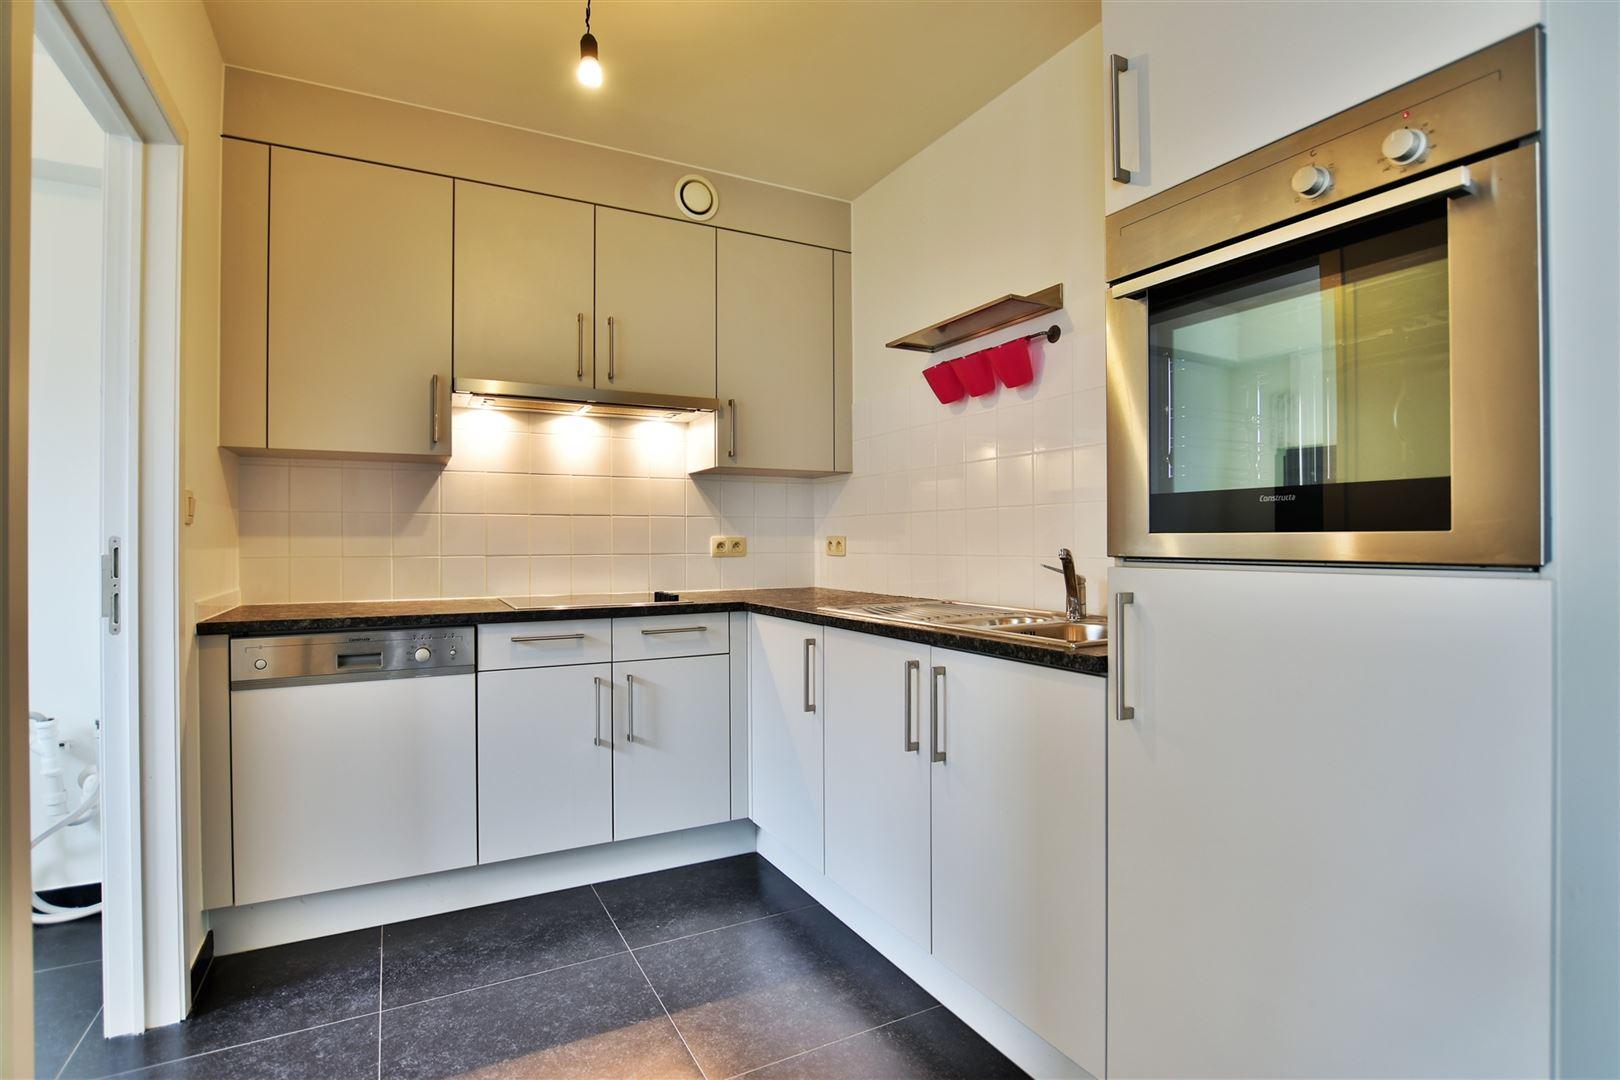 Foto 7 : Appartement te 9200 Sint-Gillis-bij-Dendermonde (België) - Prijs € 278.000